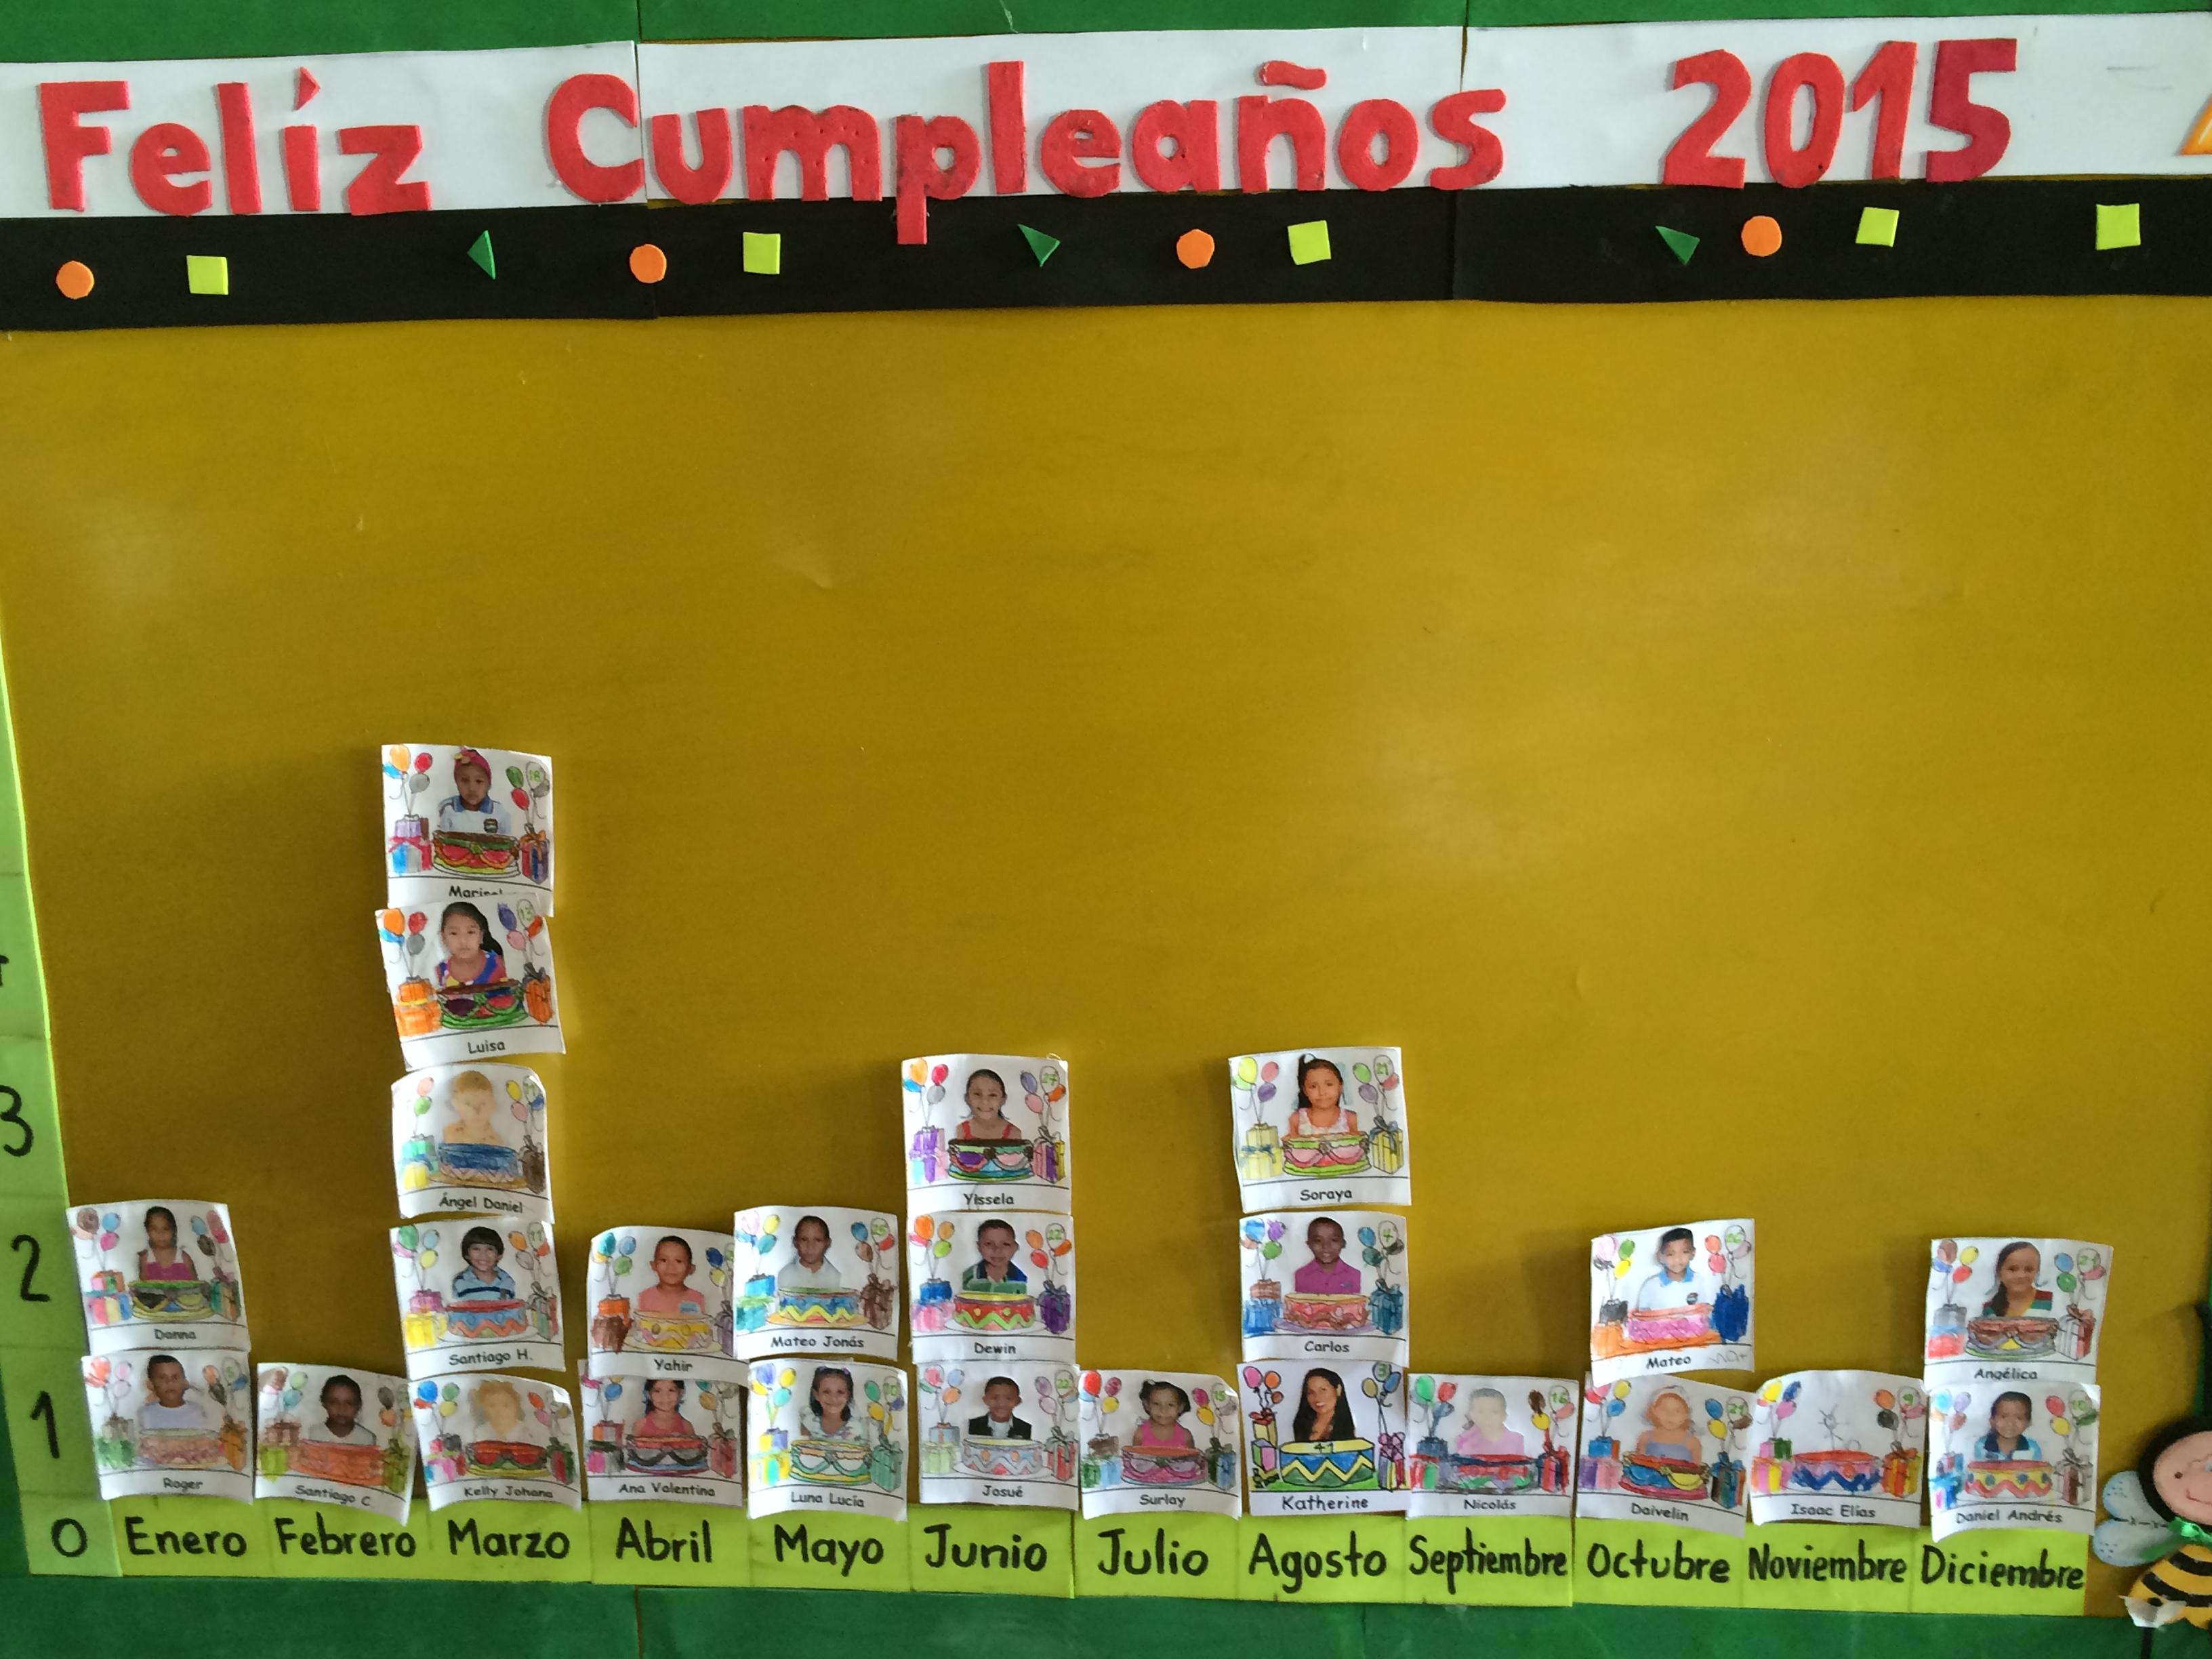 Anuario de cumpleaños